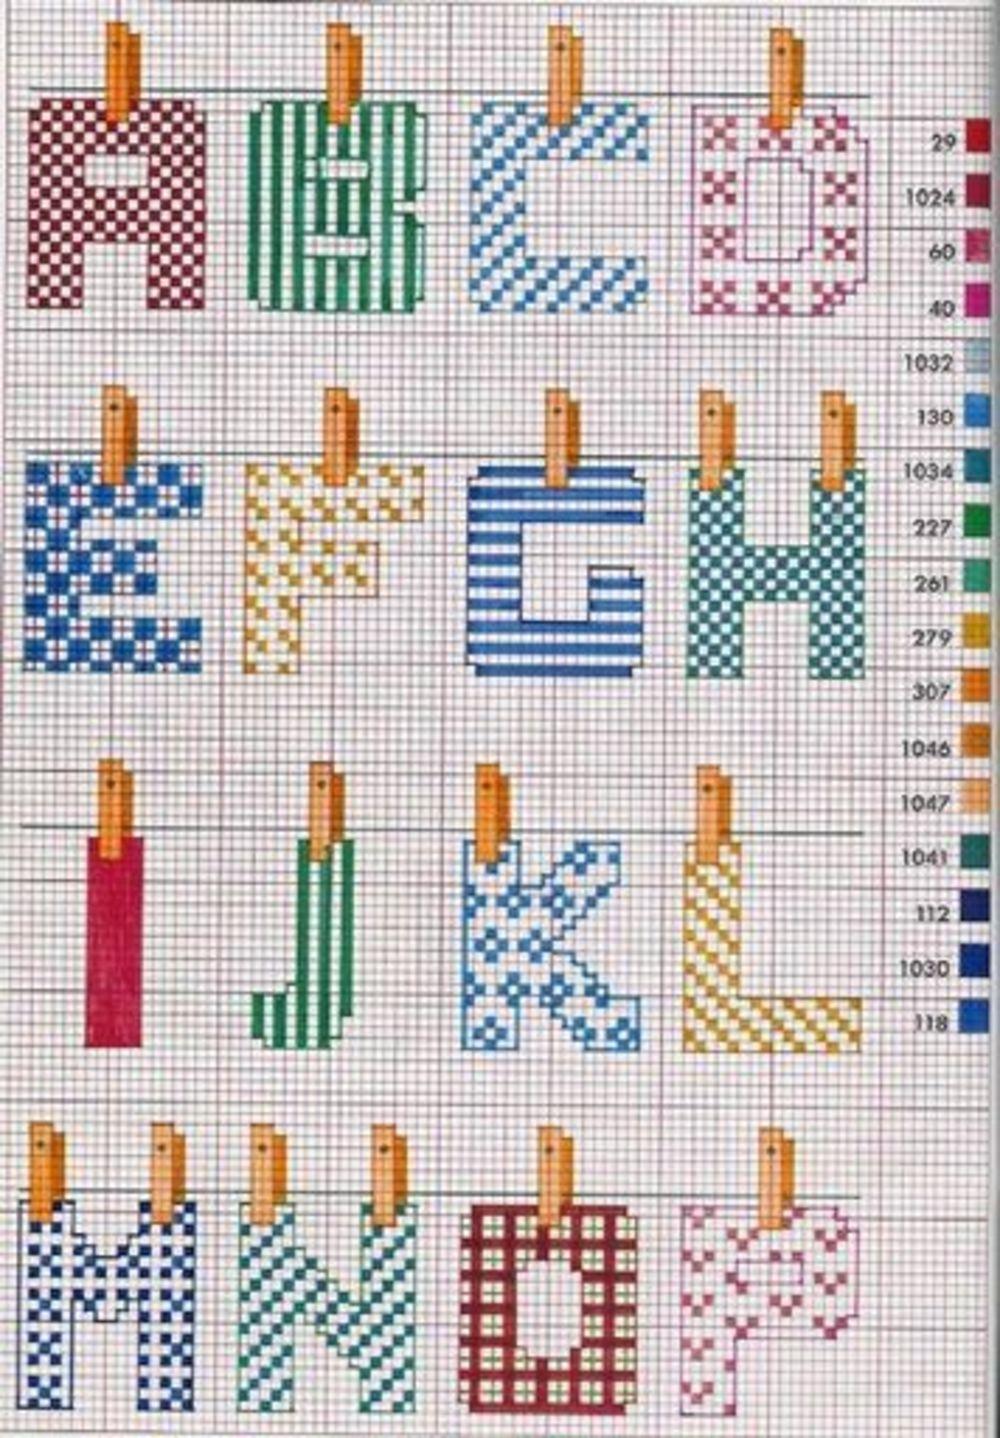 Schema punto croce alfabeto con le lettere stese (1)